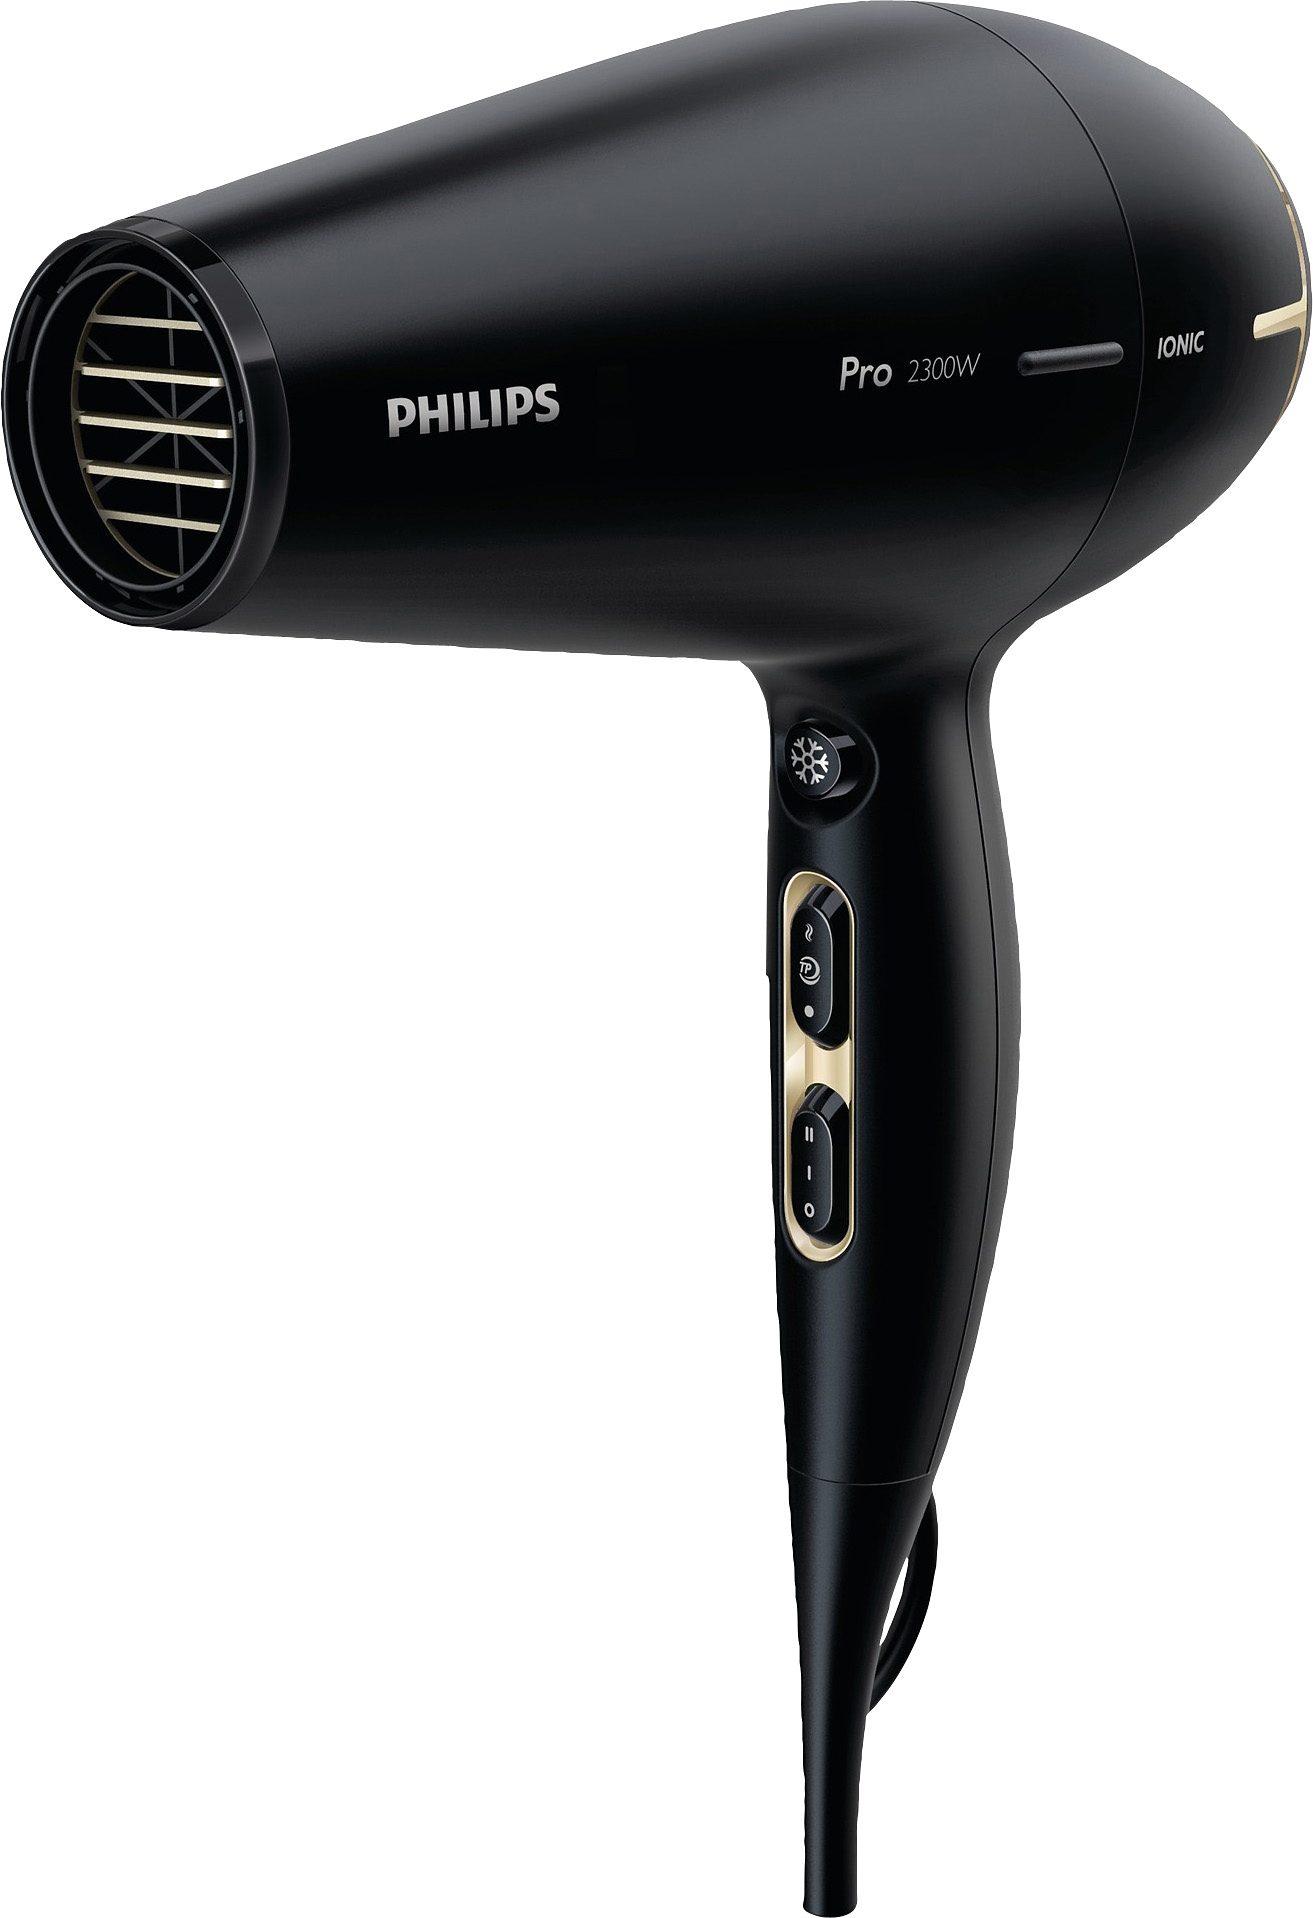 Philips Haartrockner HPS920/00 Pro Serie, 2300 W, AC Motor, Ionenfunktion